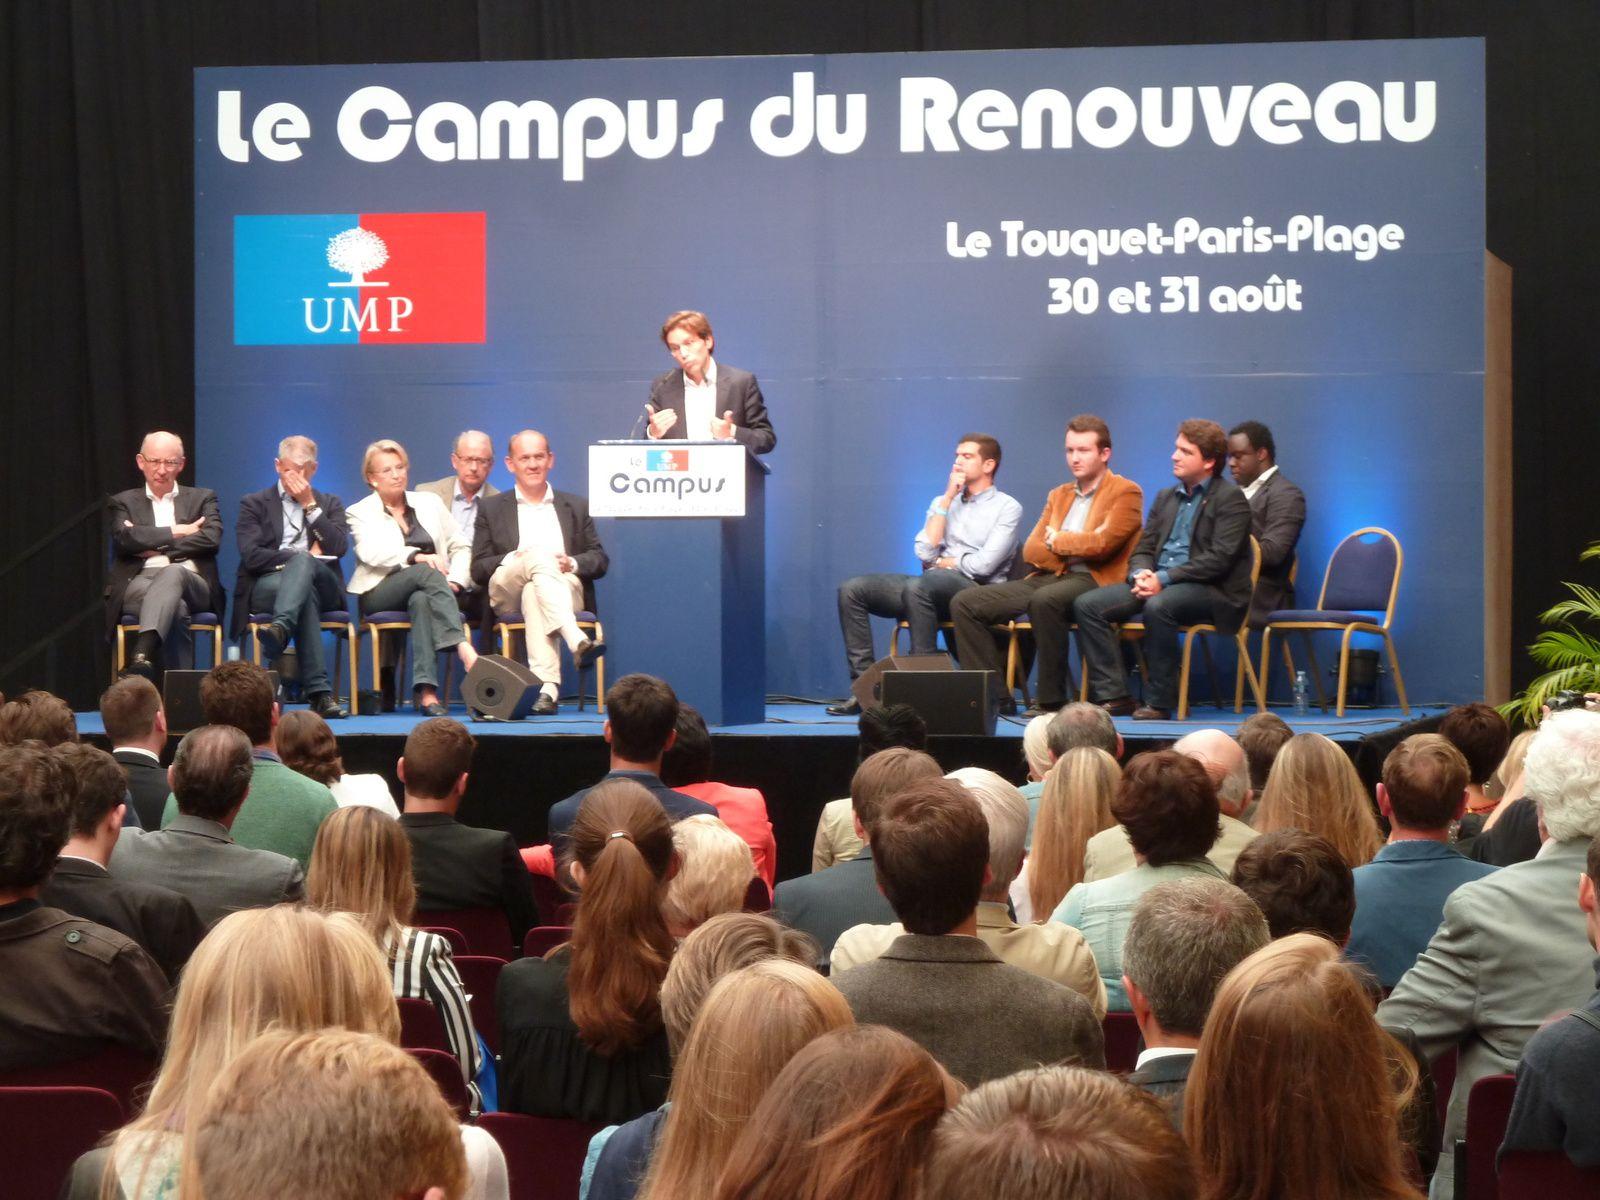 Campus du Renouveau des 30 et 31 août 2014 : retour en photos...